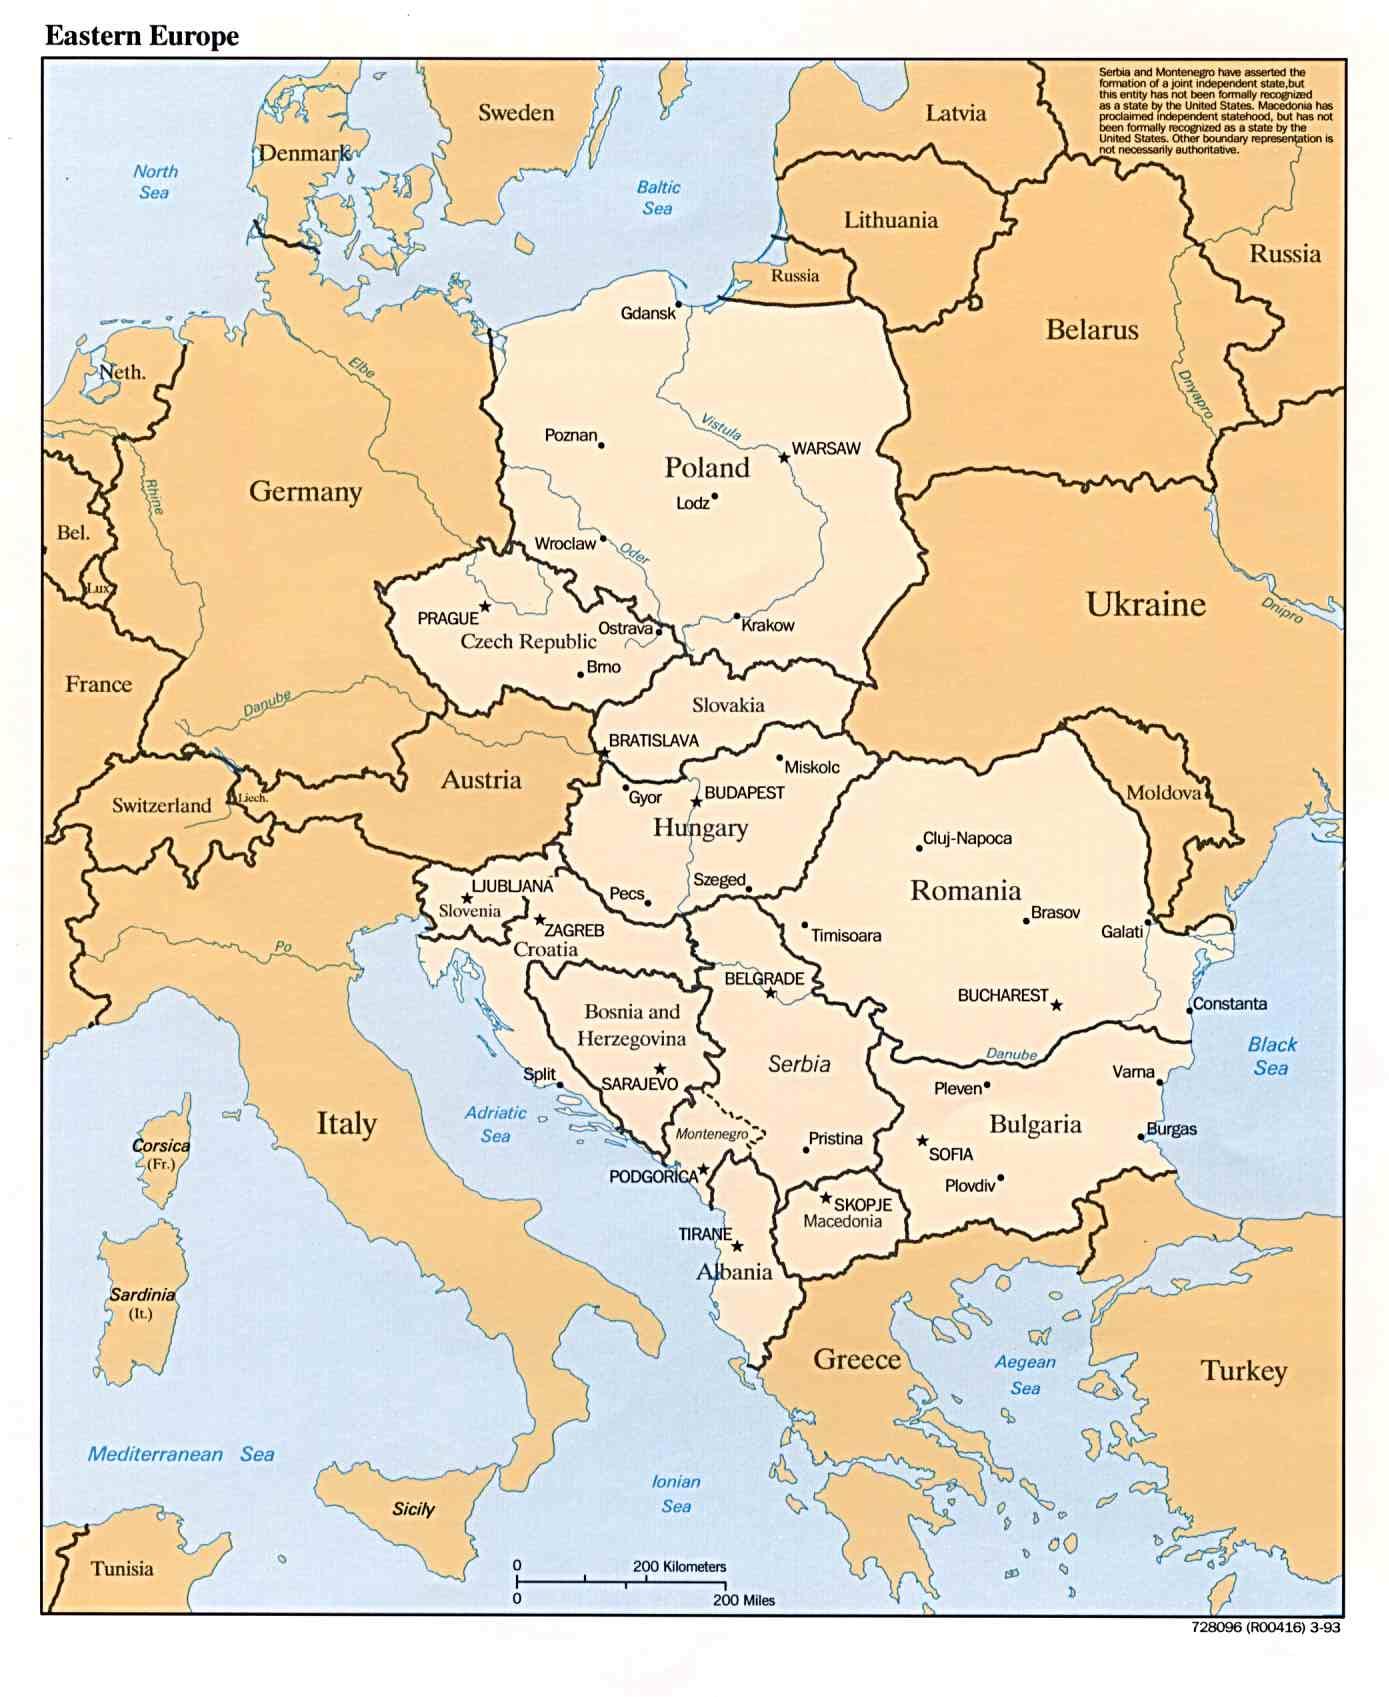 Mapa Politico de Europa Oriental 1993 - 2015 Maps & Atlas